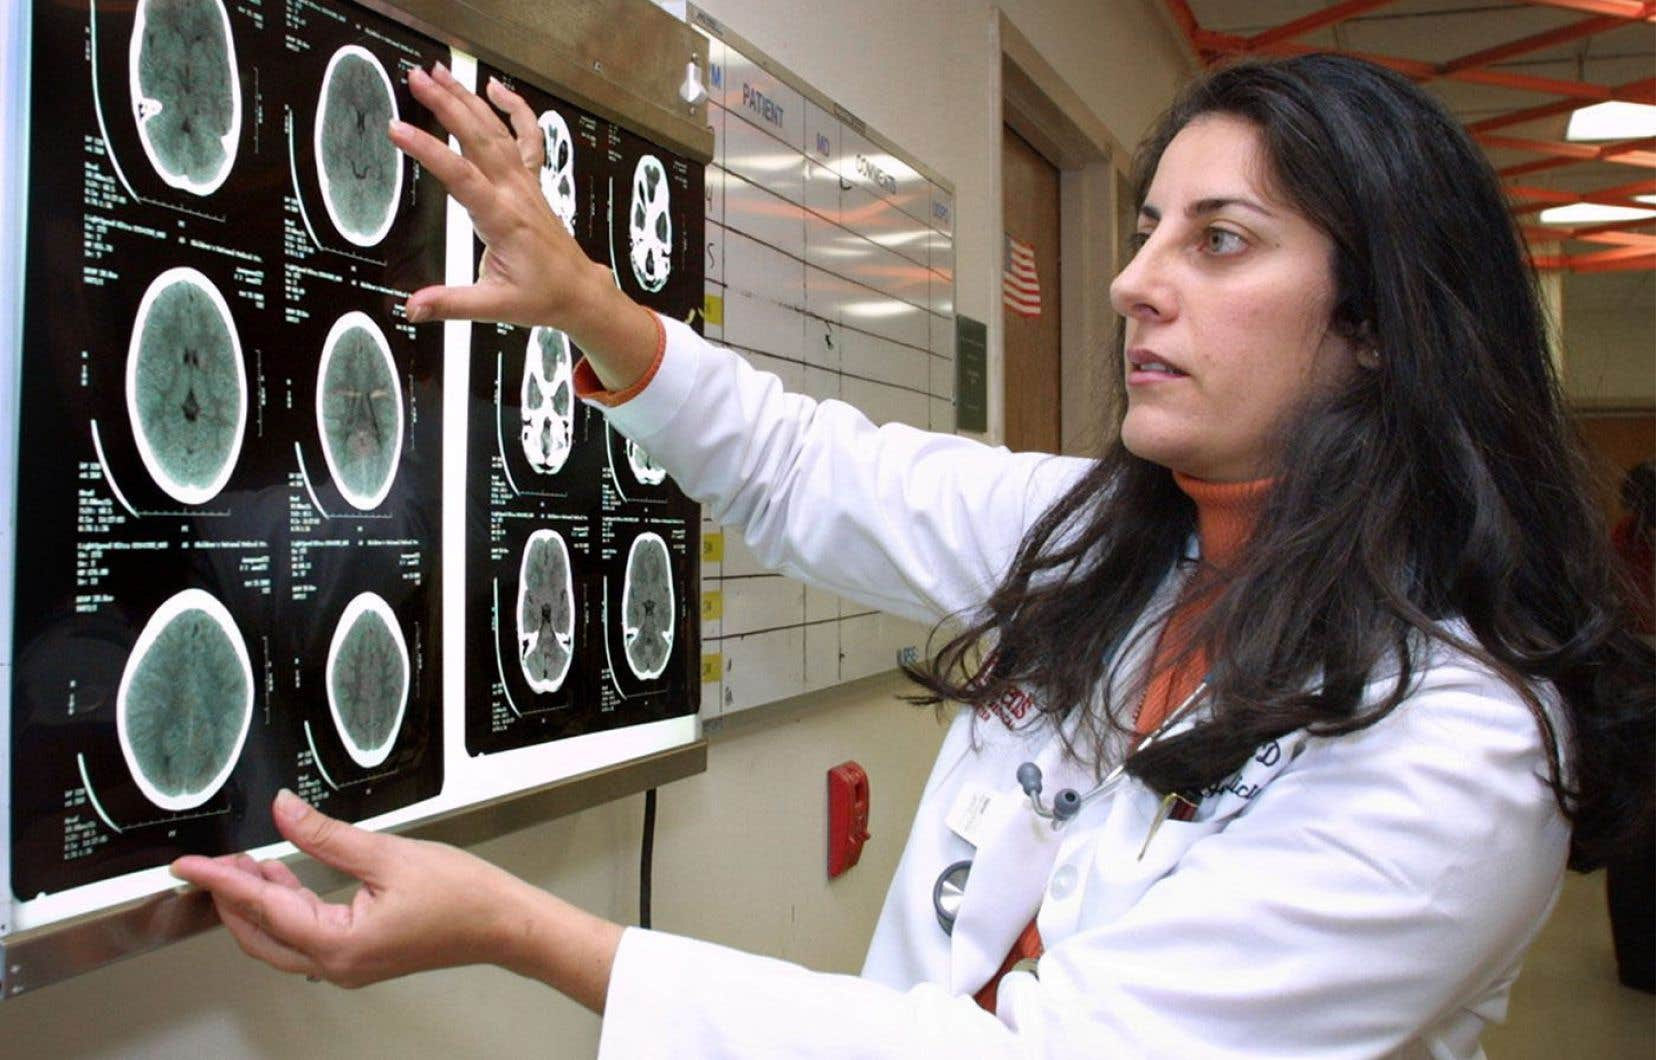 Parmi les technologies numériques d'avenir en santé, l'arrivée de systèmes apprenants permettrait par exemple d'intégrer les données dans les processus décisionnels.